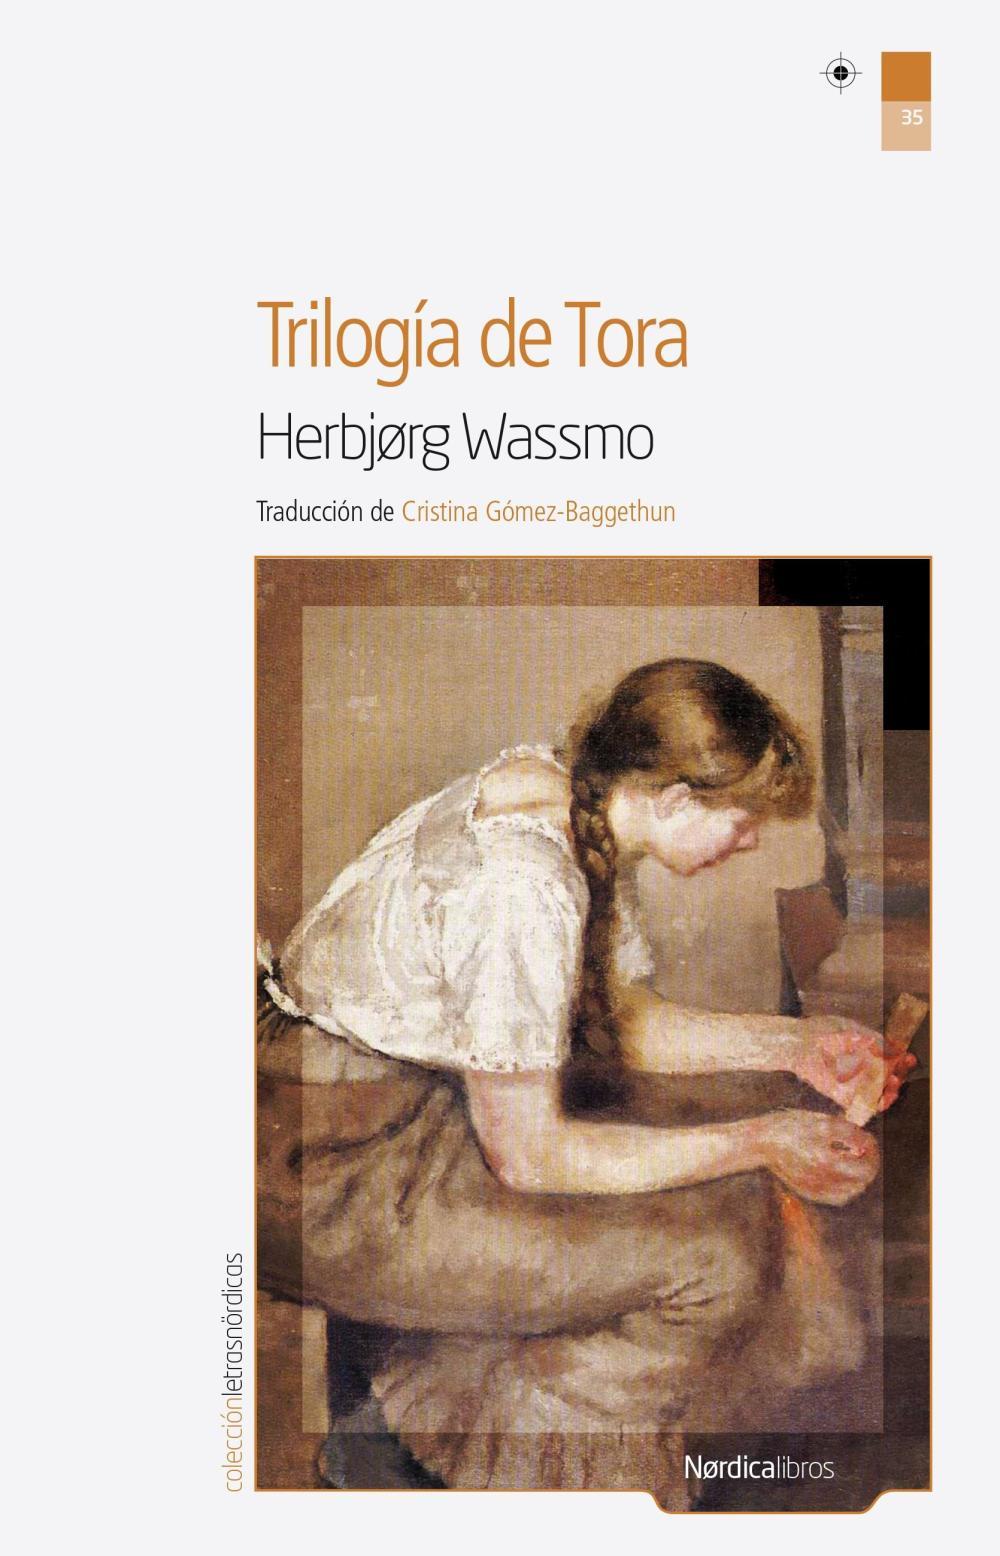 Trilogía de Tora